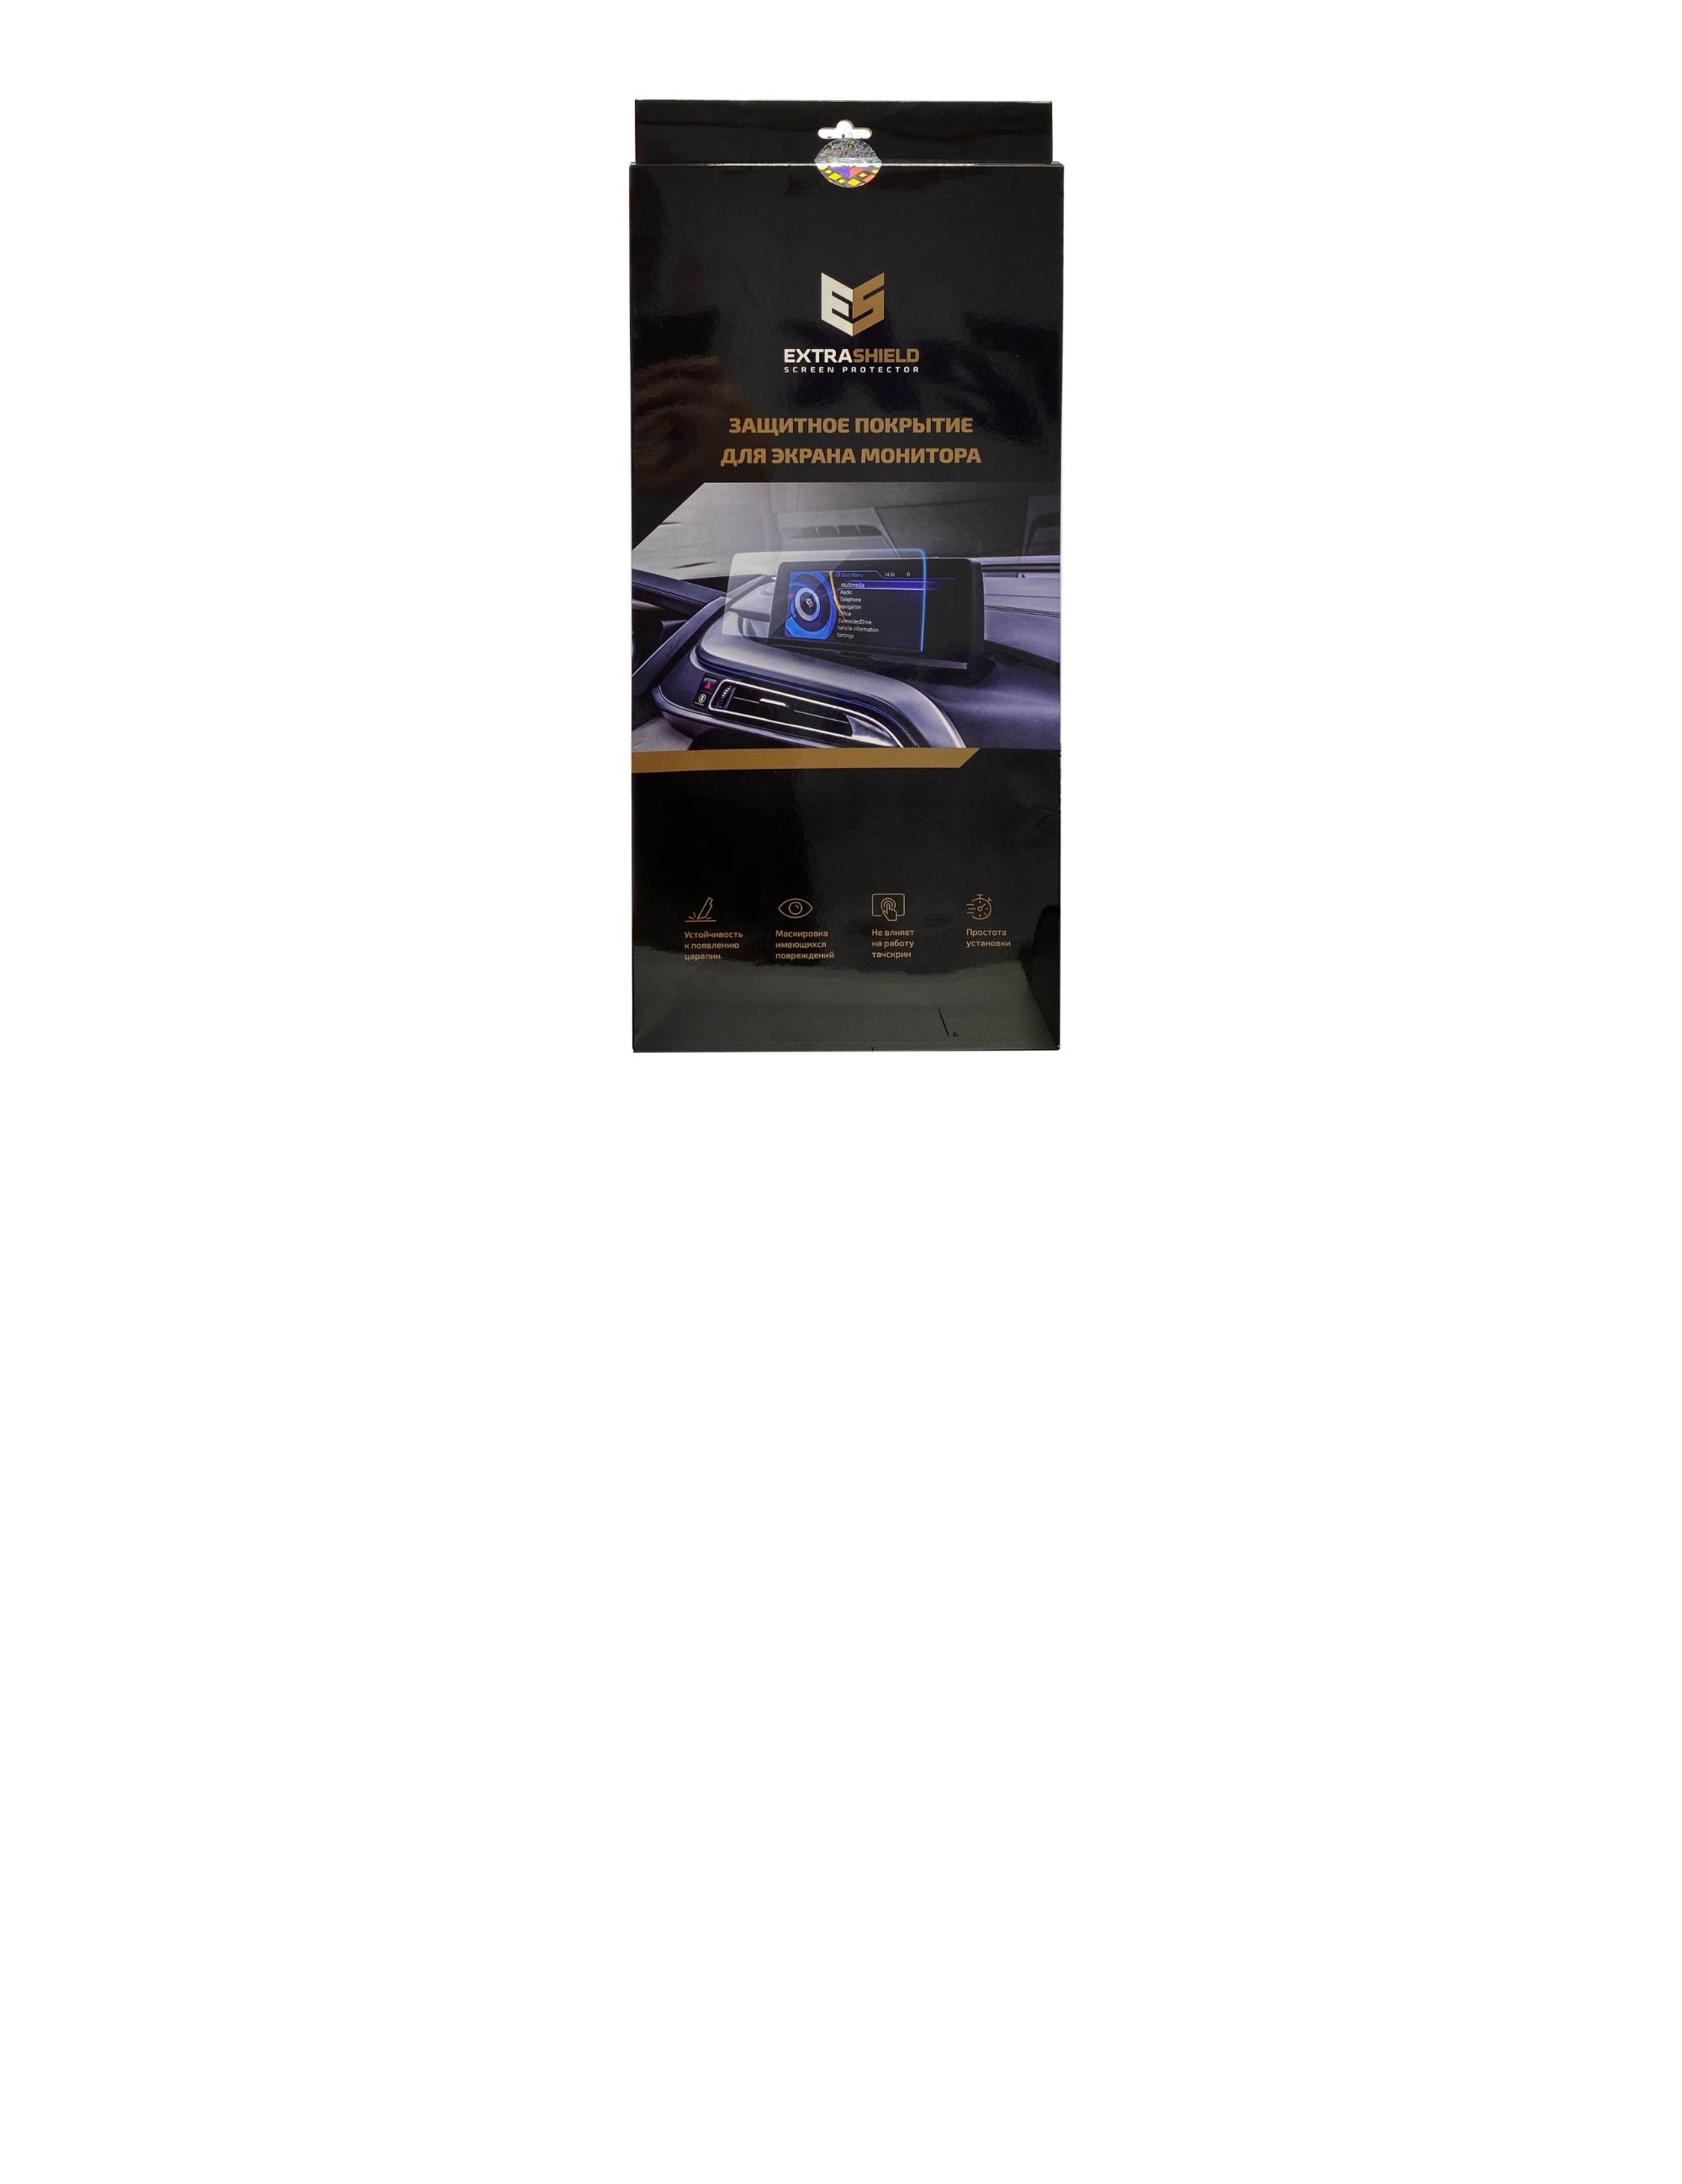 Audi Q5 II (FY) дорестайлинг 2016 - 2019 мультимедиа MMI 8,3 Статическая пленка Глянец